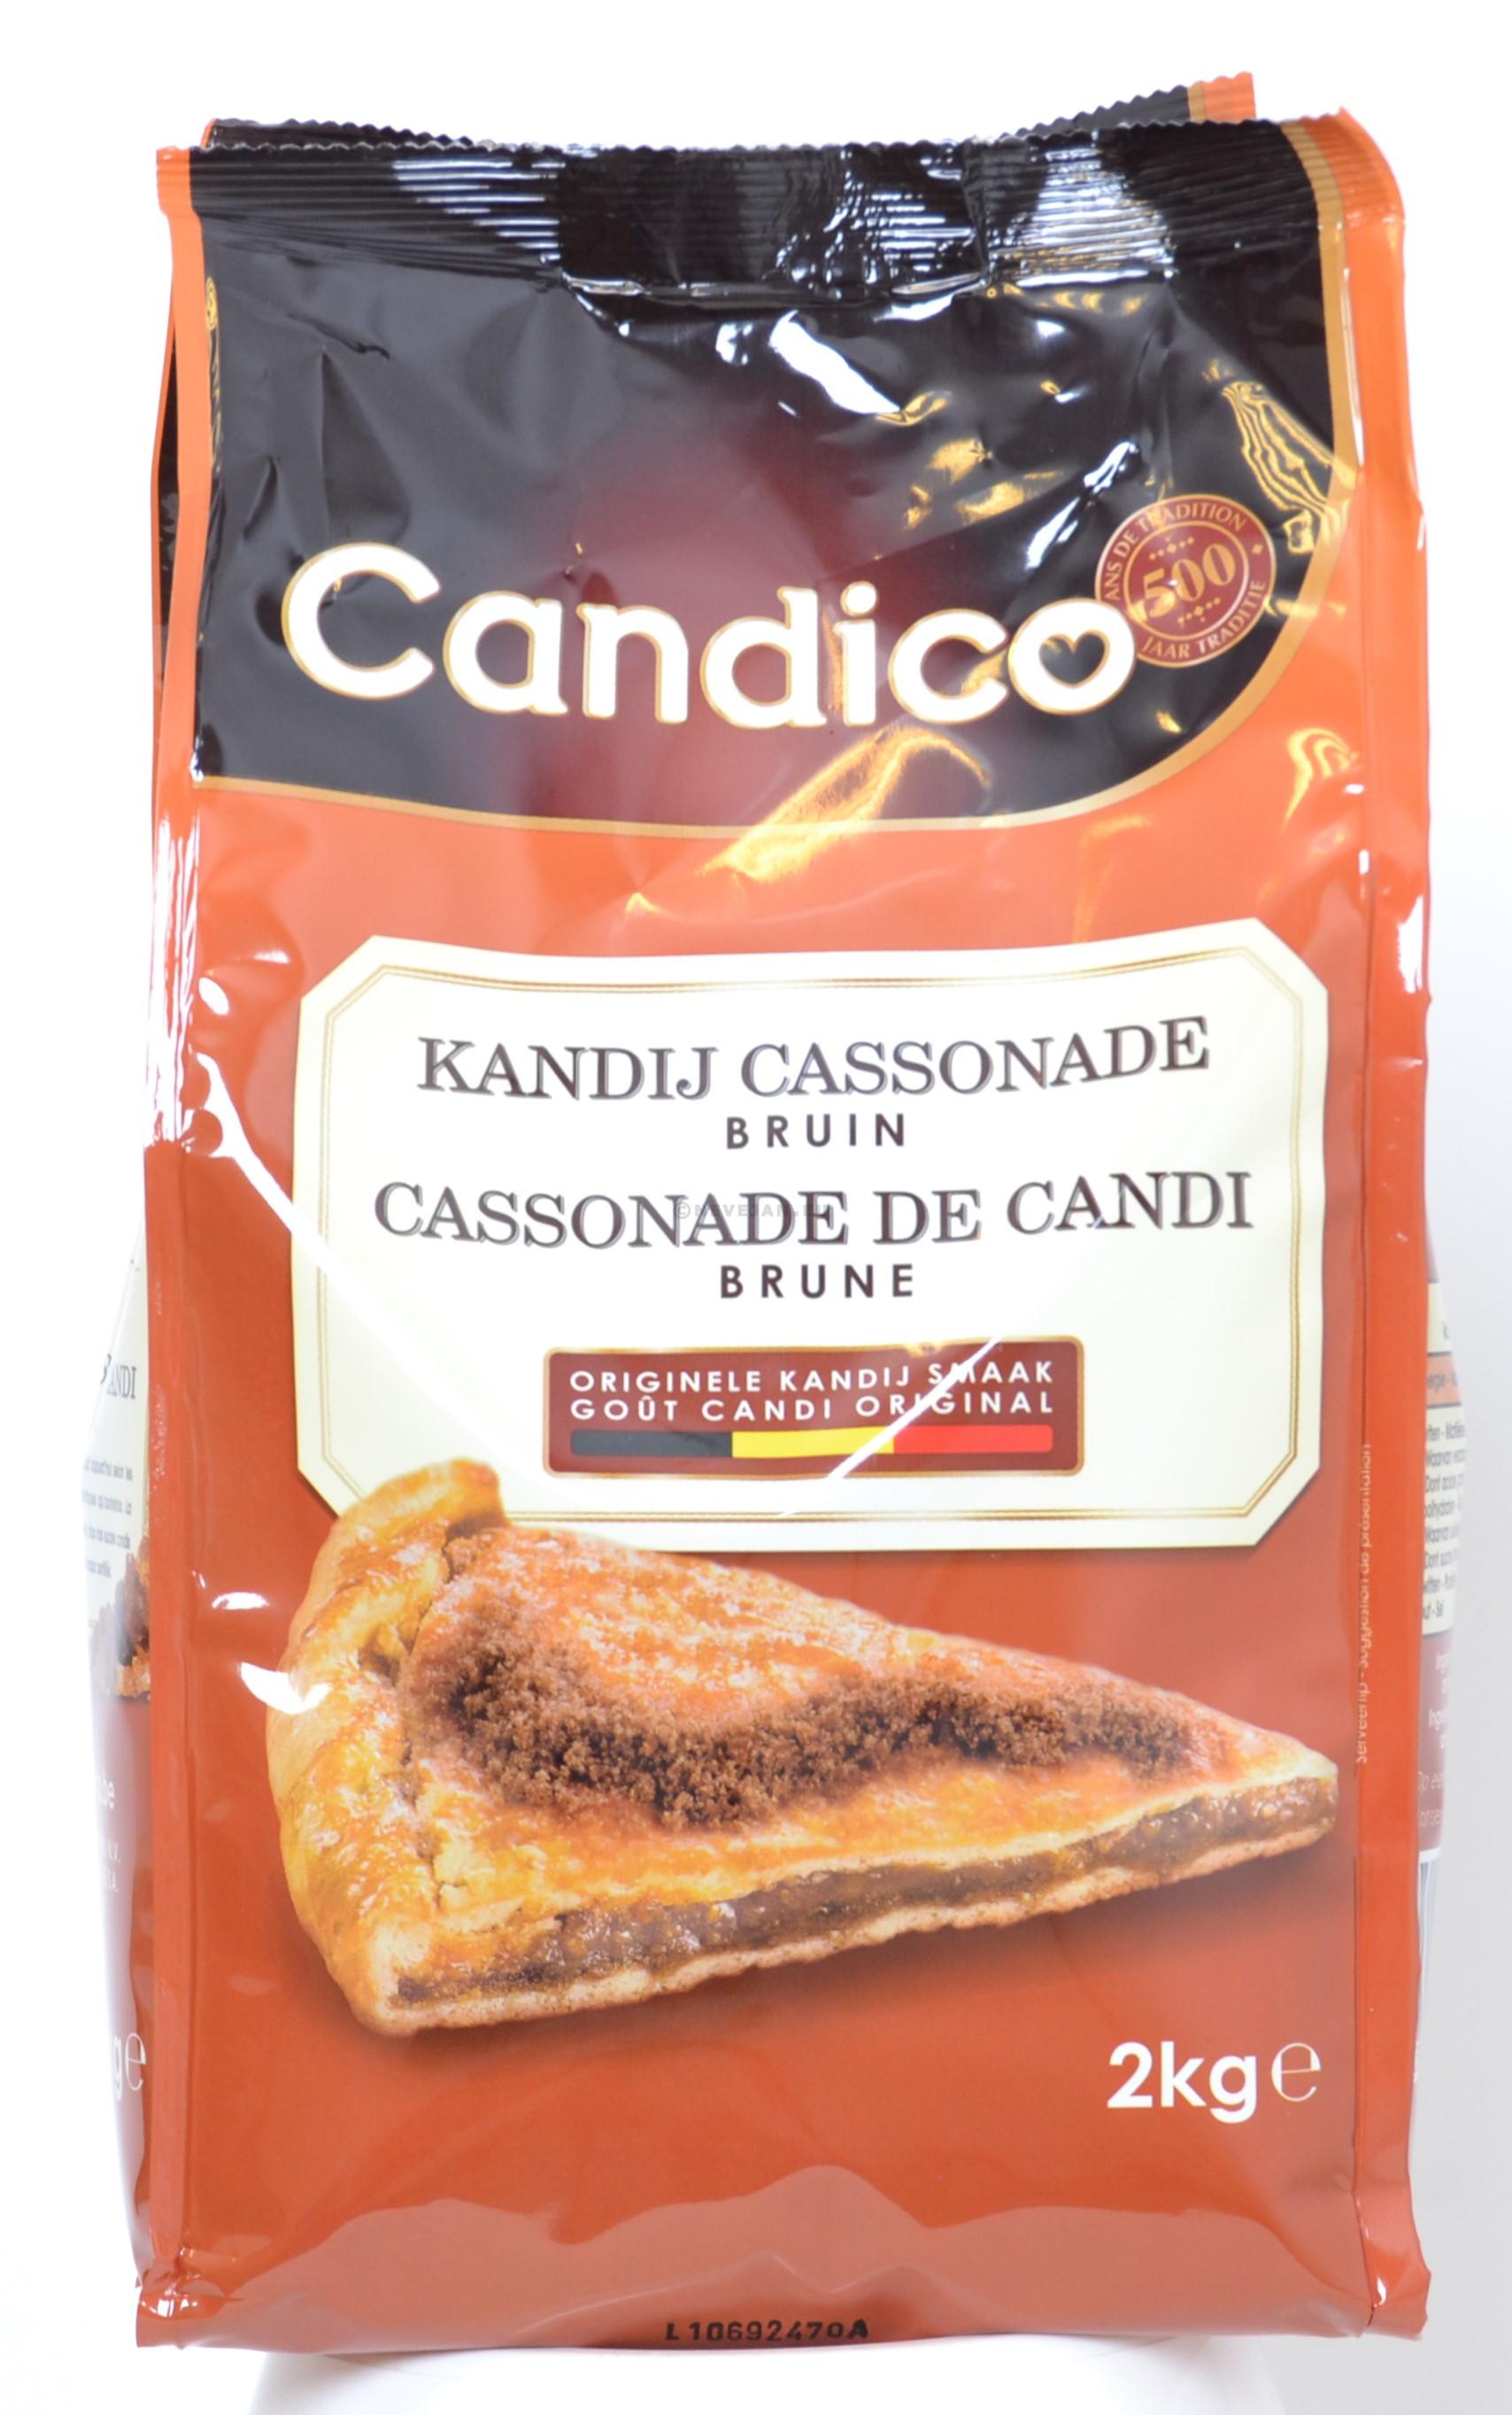 Kandij suiker cassonade bruin 2kg Candico